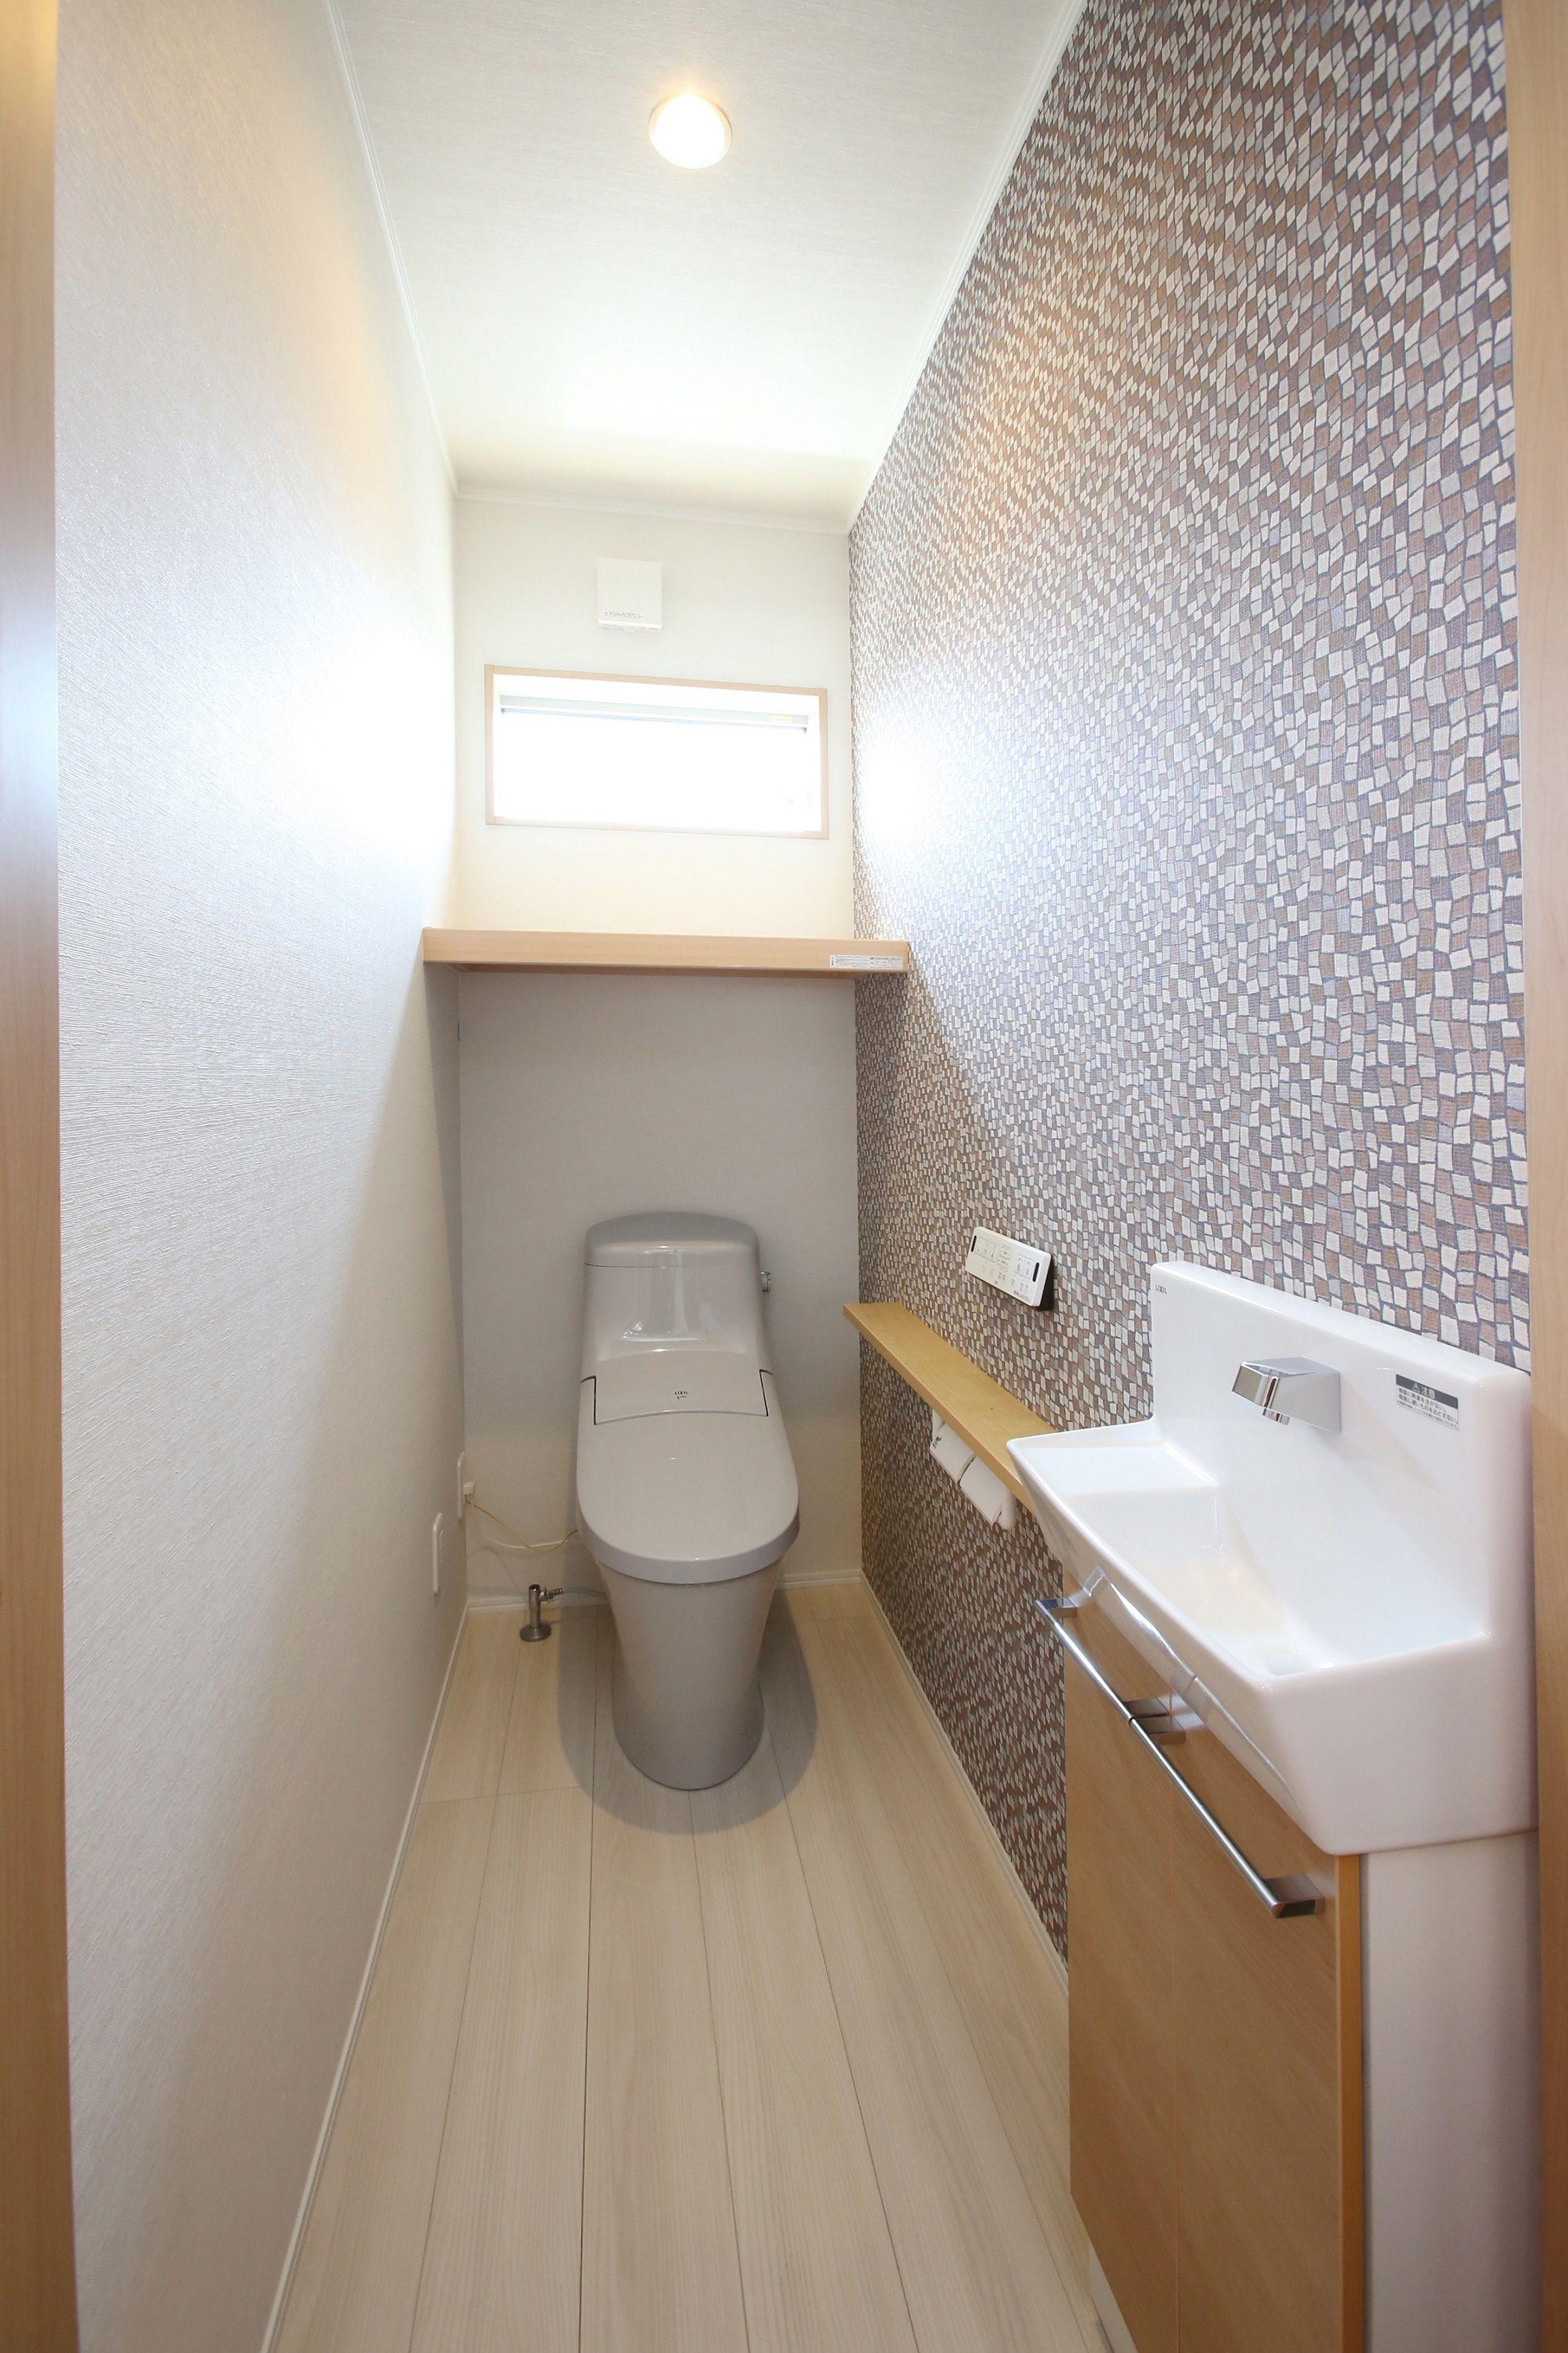 アクセントクロスがおしゃれなトイレ 建築実例 トイレ Lixil 手洗い器 アクセントクロス ホワイト ペール ナチュラル シンプル 内装 インテリア トイレ おしゃれ トイレ 手洗い器